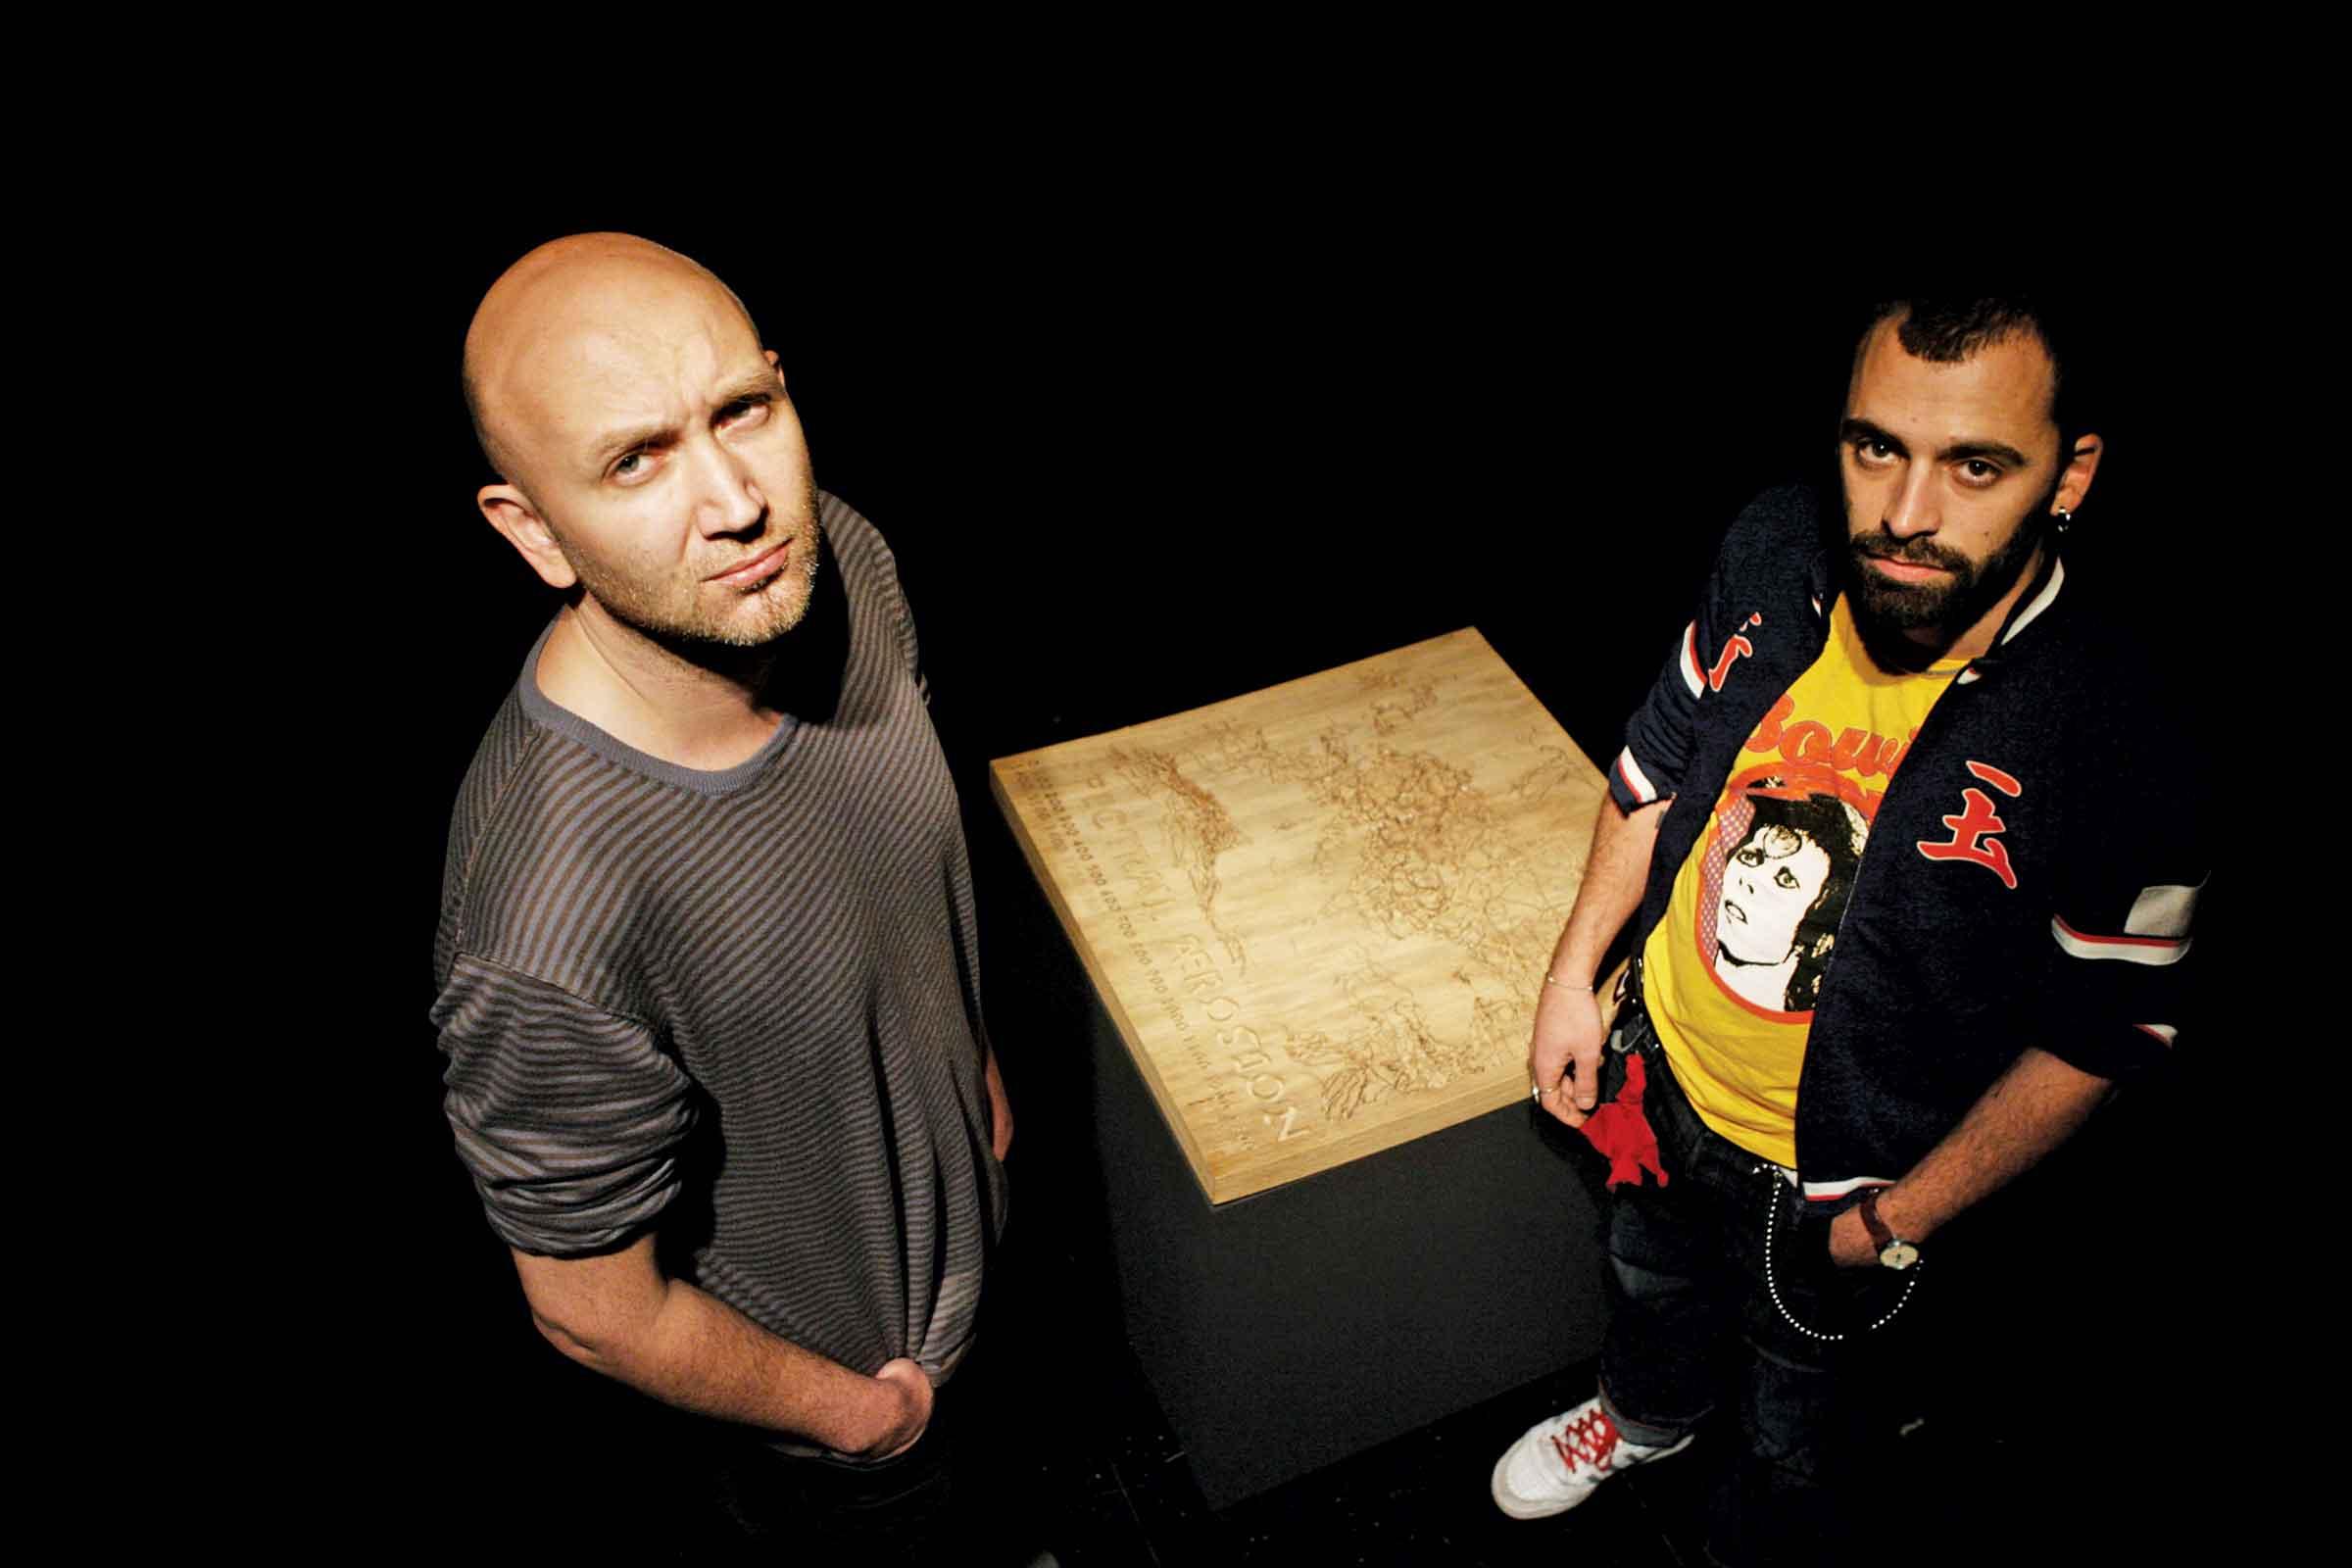 Société Réaliste: Ferenc Gróf and Jean-Baptiste Naudy. Photo: Uros Hocevar, 2010.